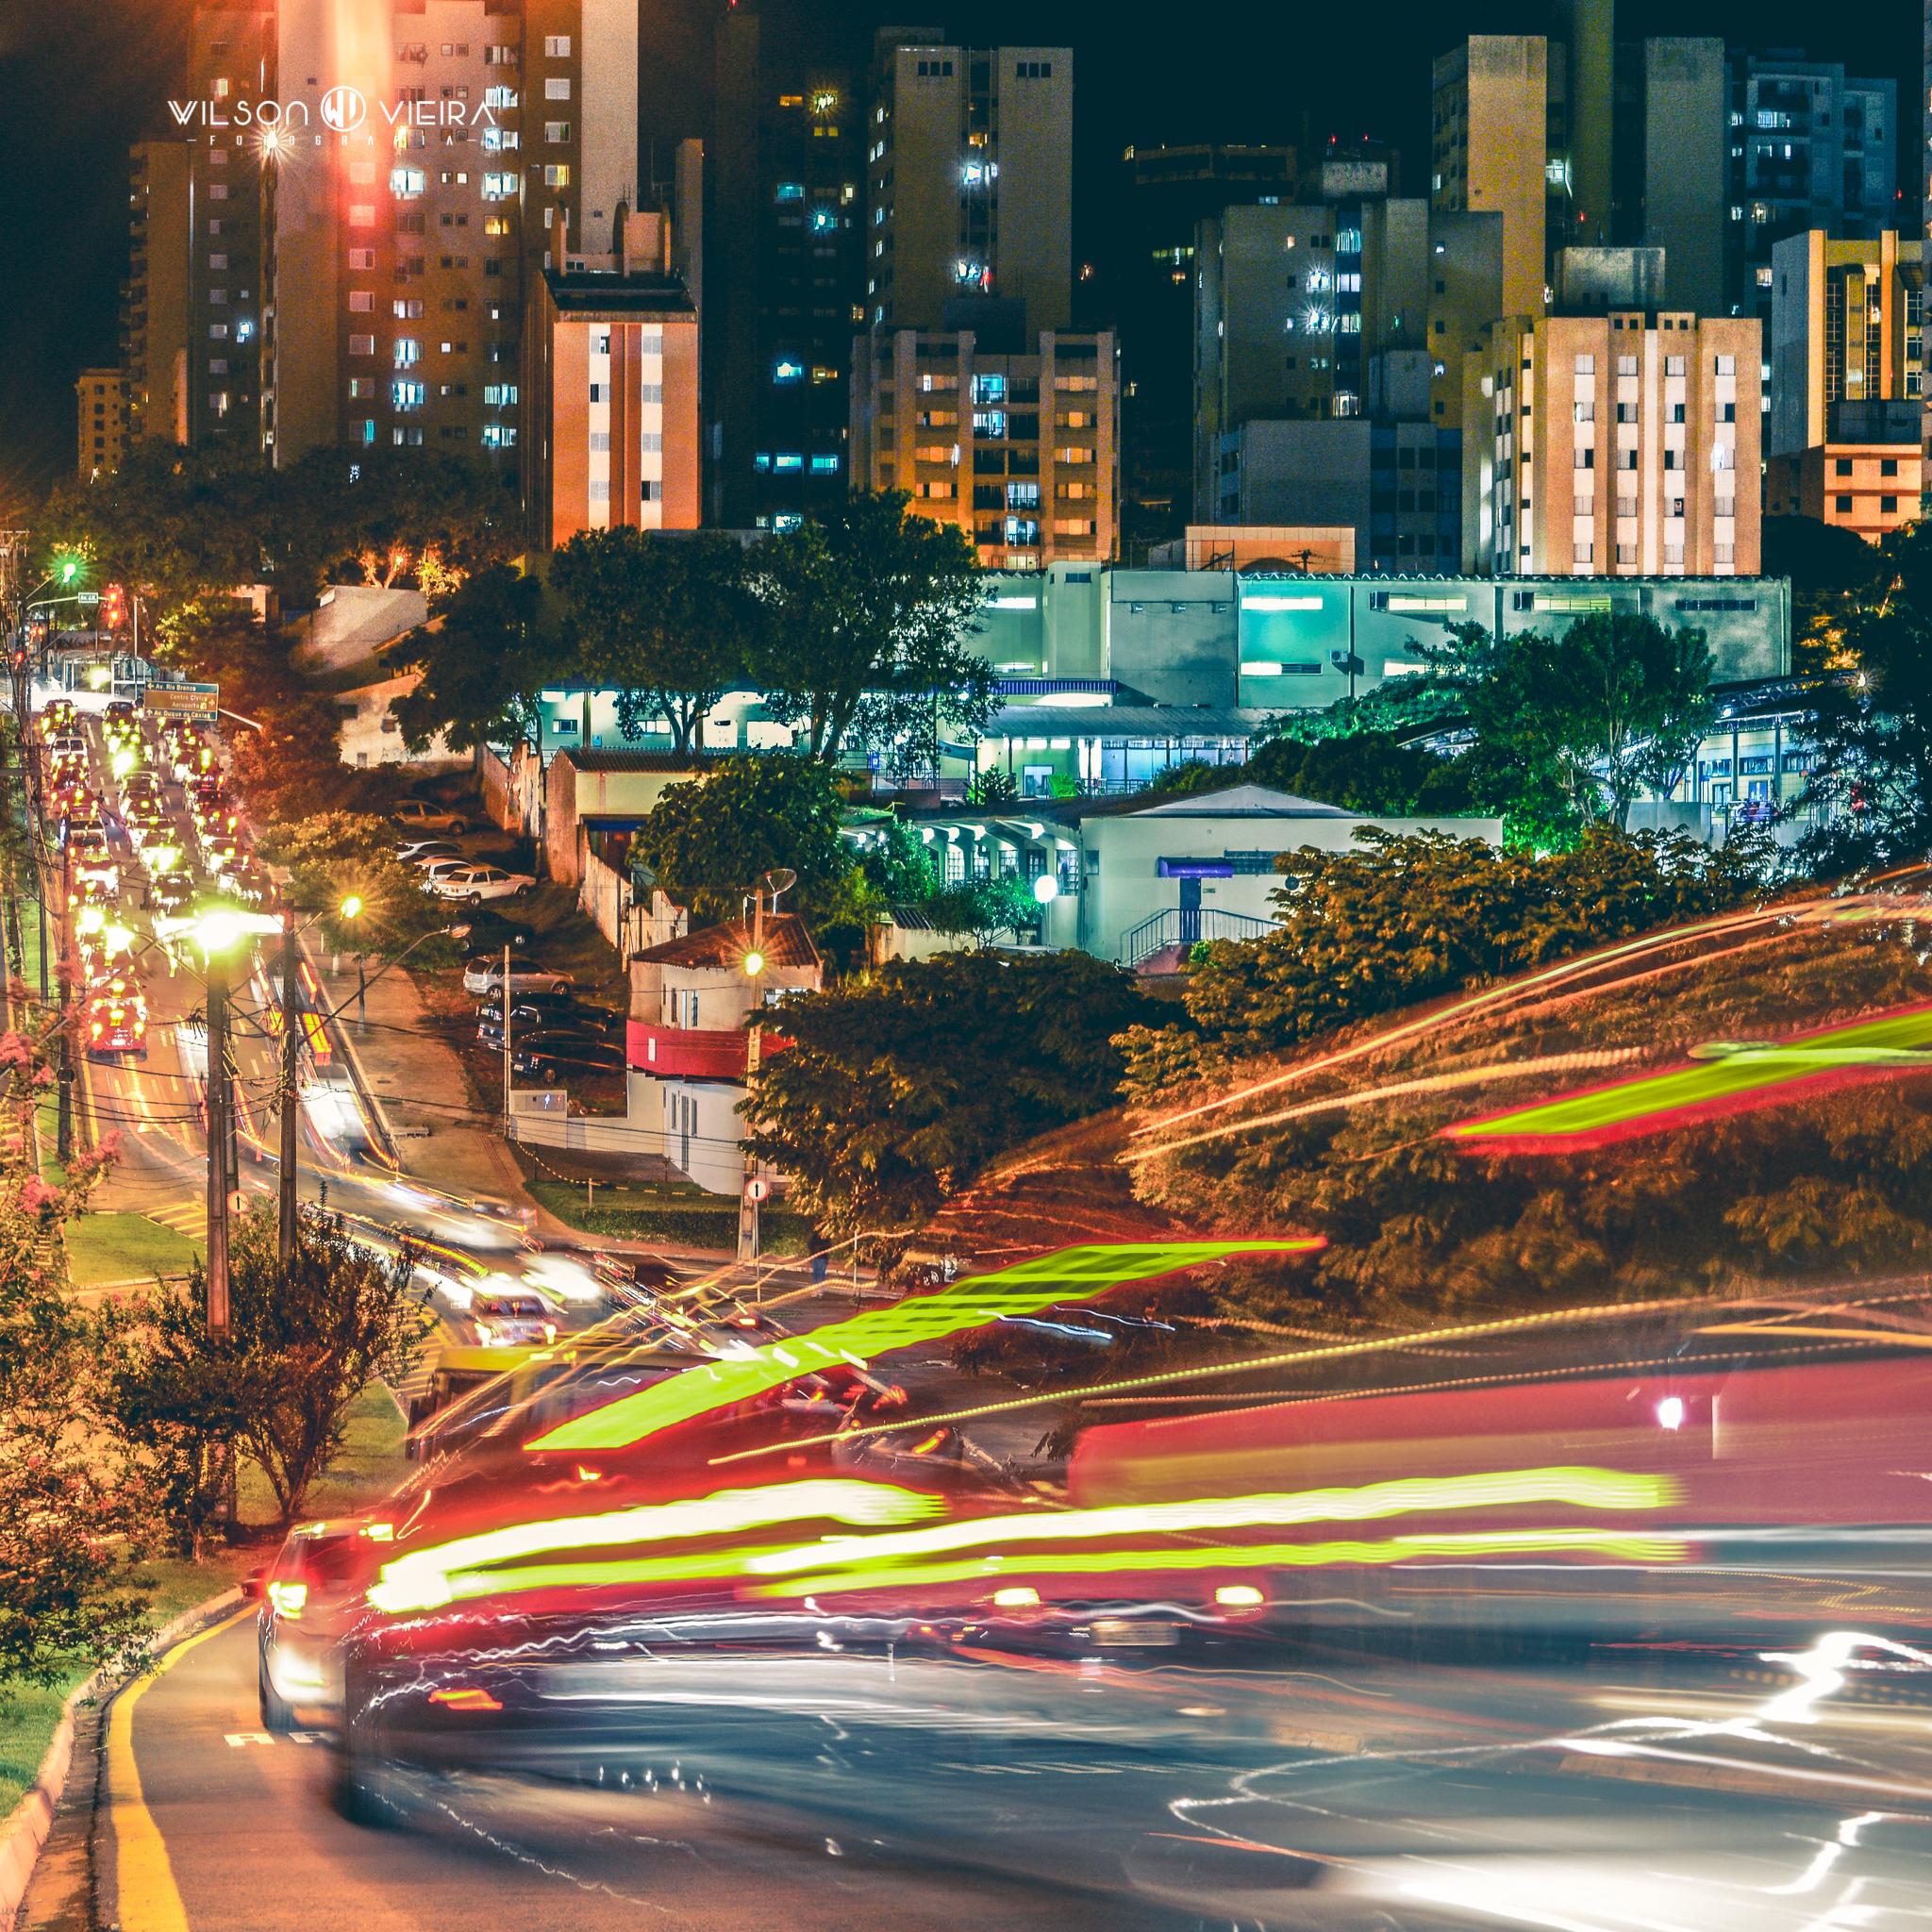 Wilson Vieira fotografo Londrina-1-23 copy 3